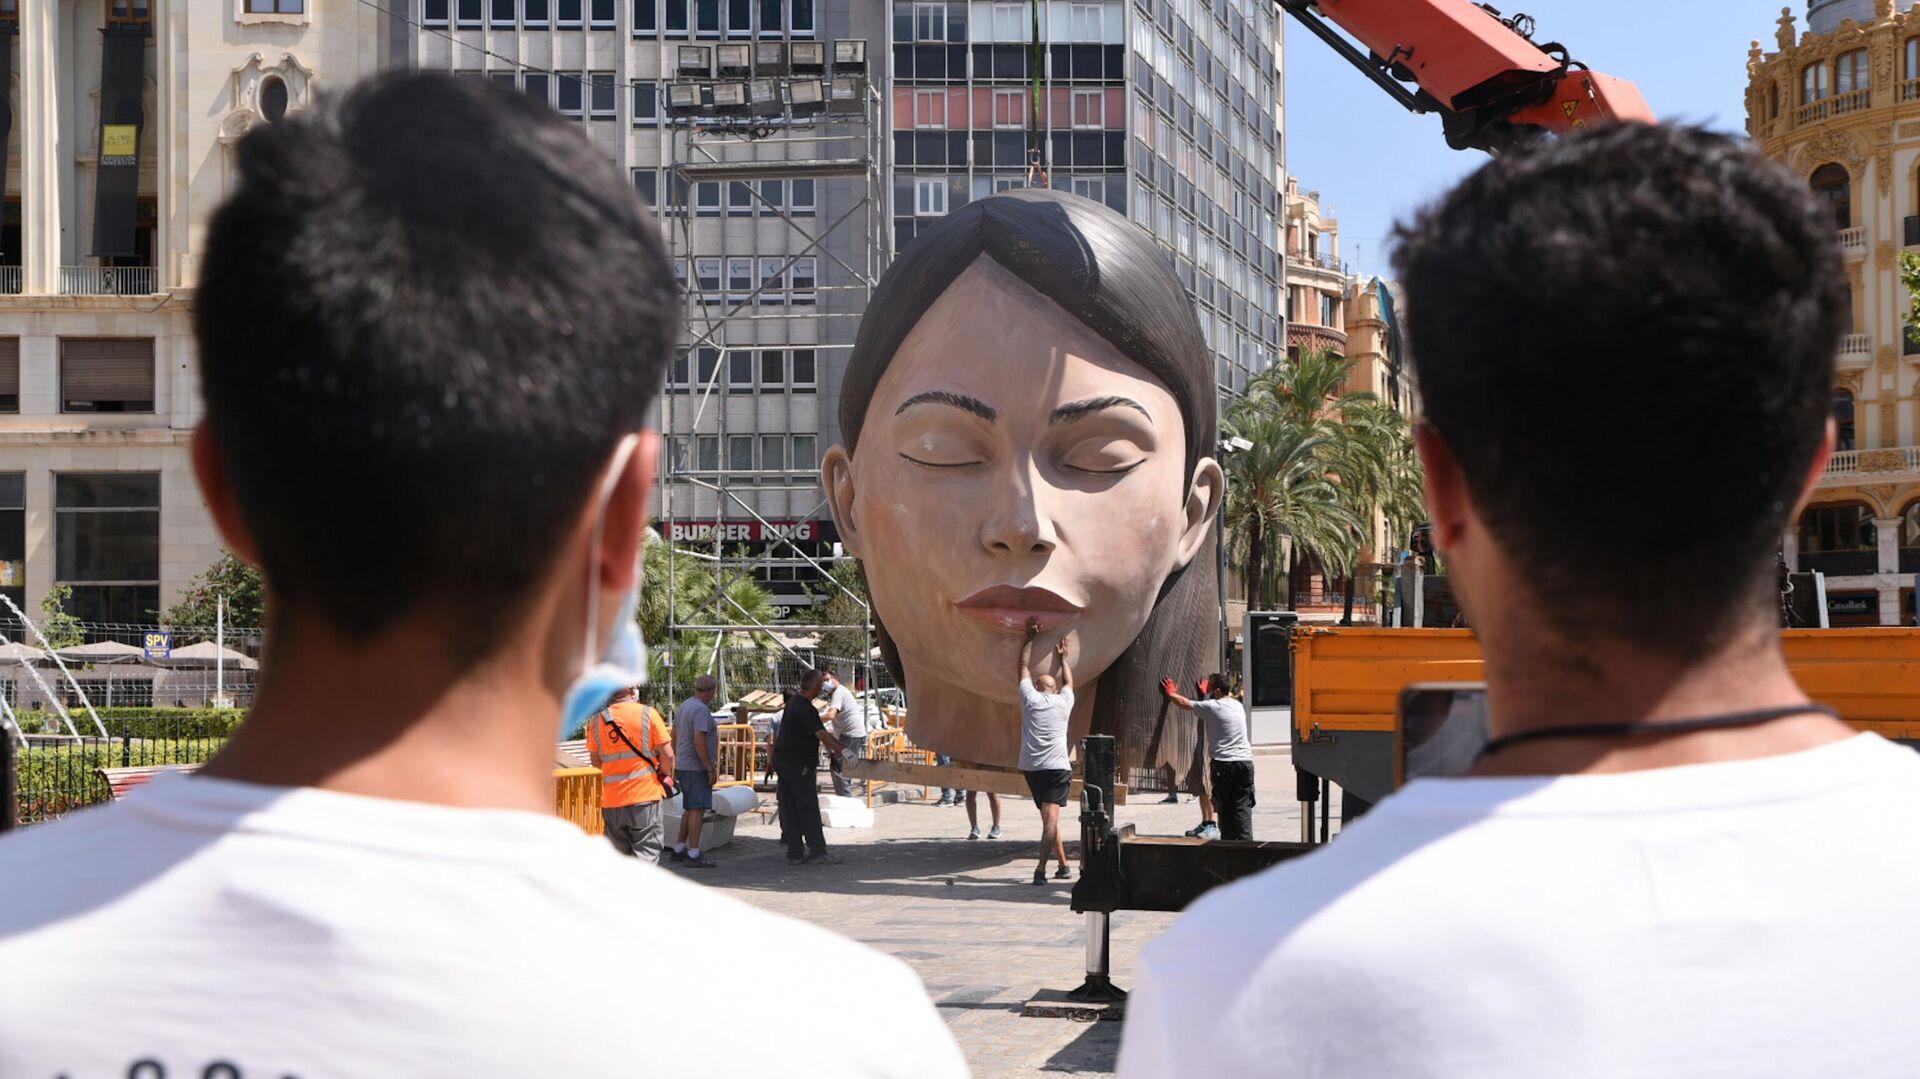 La falla de la meditadora durante la instalación en agosto de 2021 en la plaza del Ayuntamiento de Valencia - Sputnik Mundo, 1920, 27.08.2021